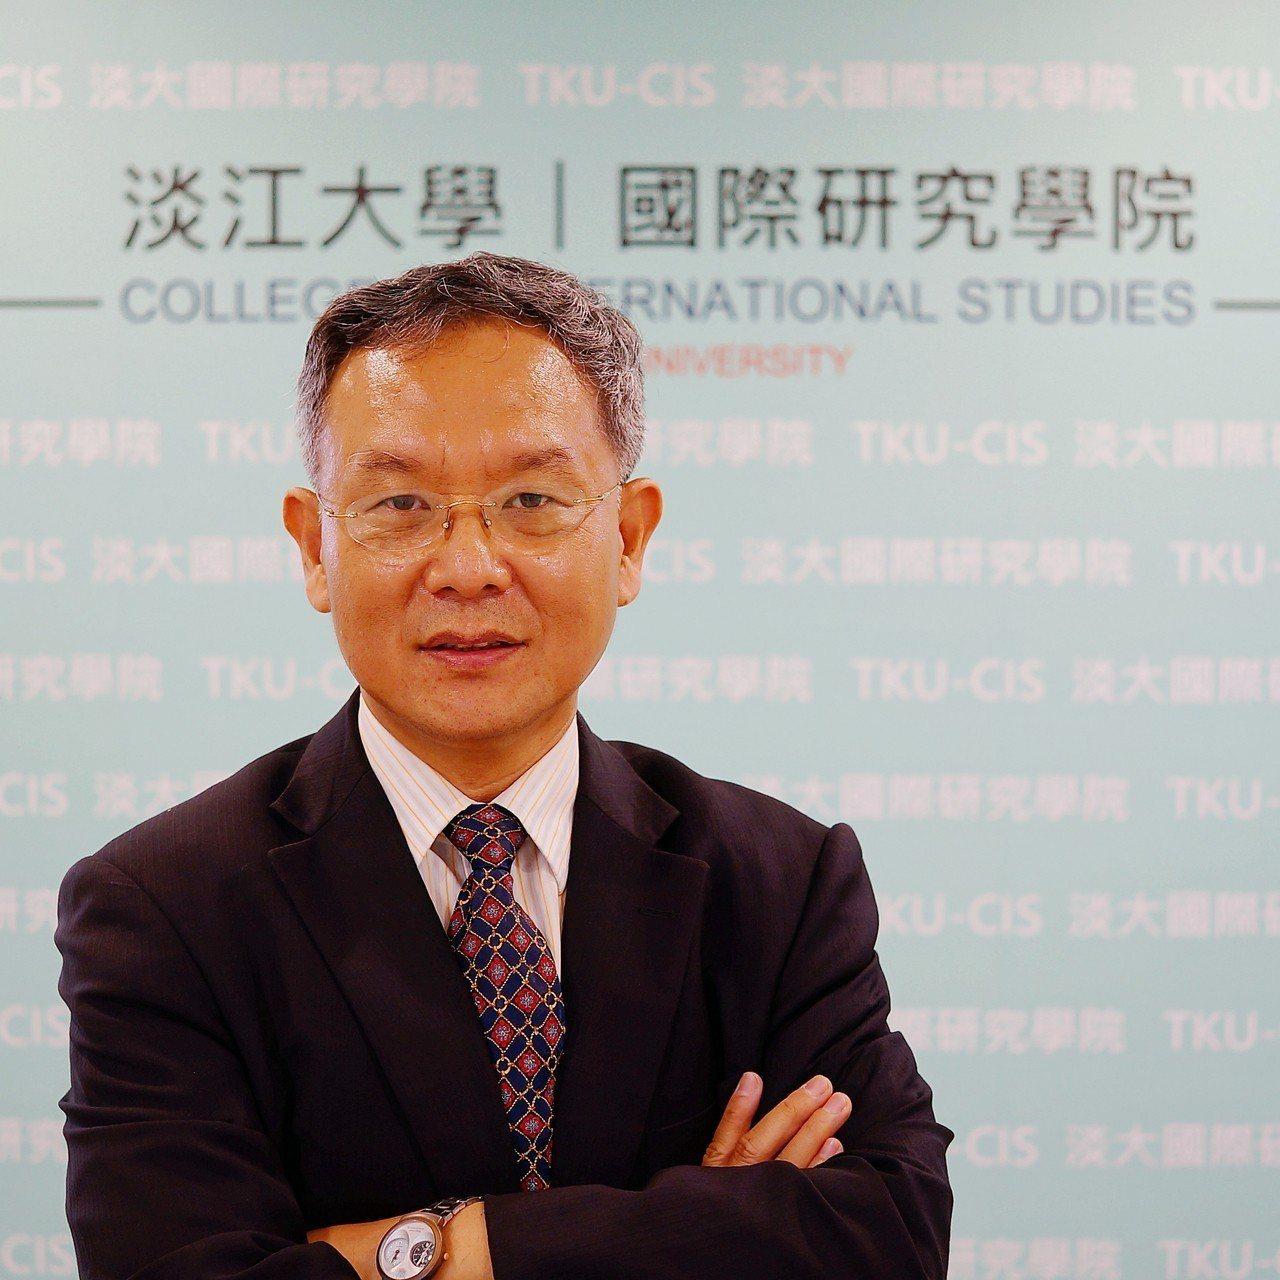 淡江大學副校長、國際事務學院院長王高成。圖/淡江大學國際事務學院提供